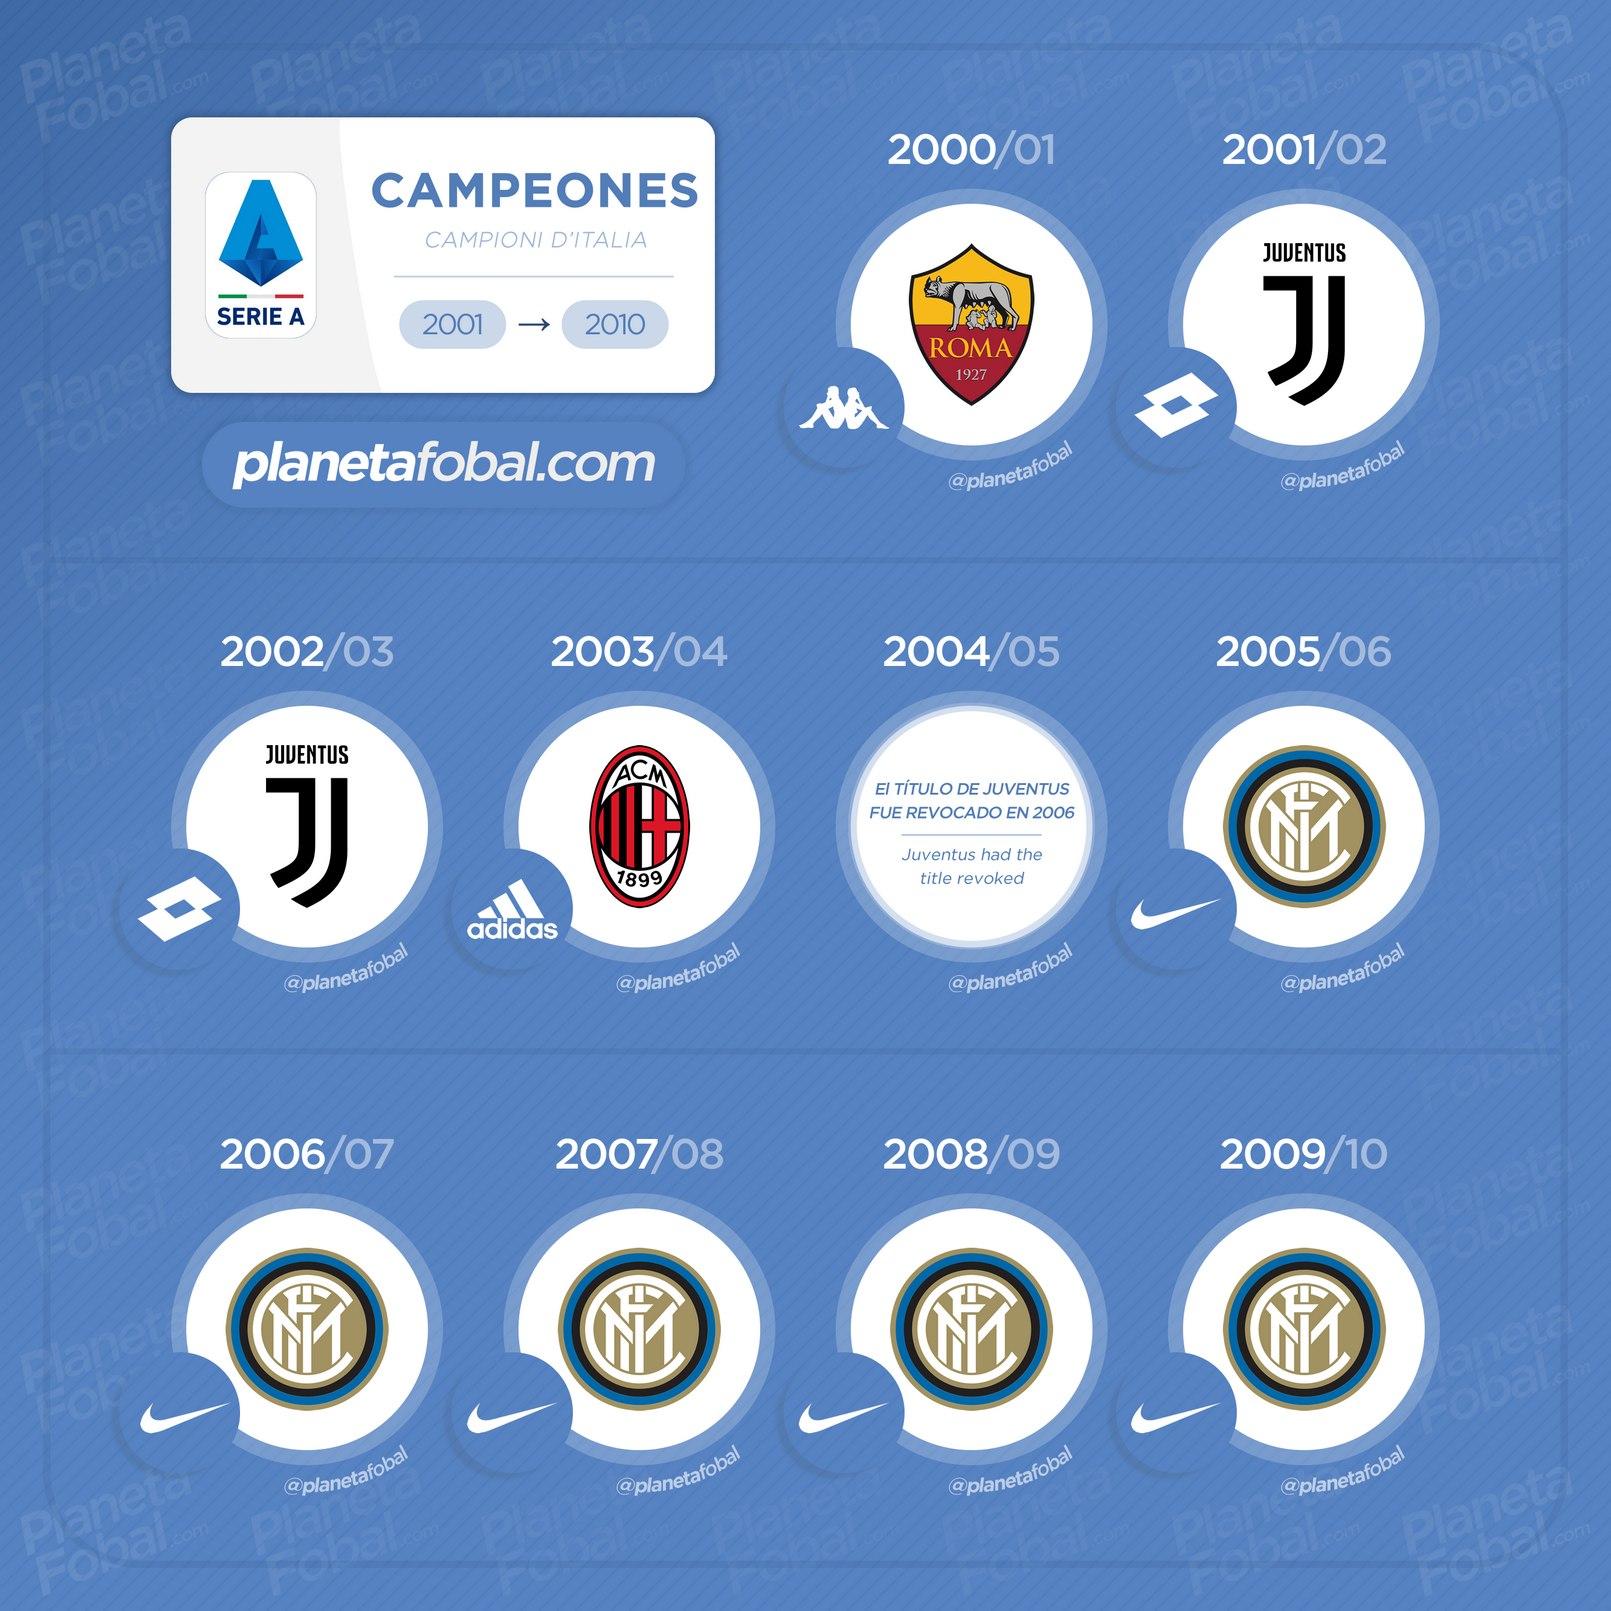 los ultimos 20 campeones de la serie a de italia 20 campeones de la serie a de italia